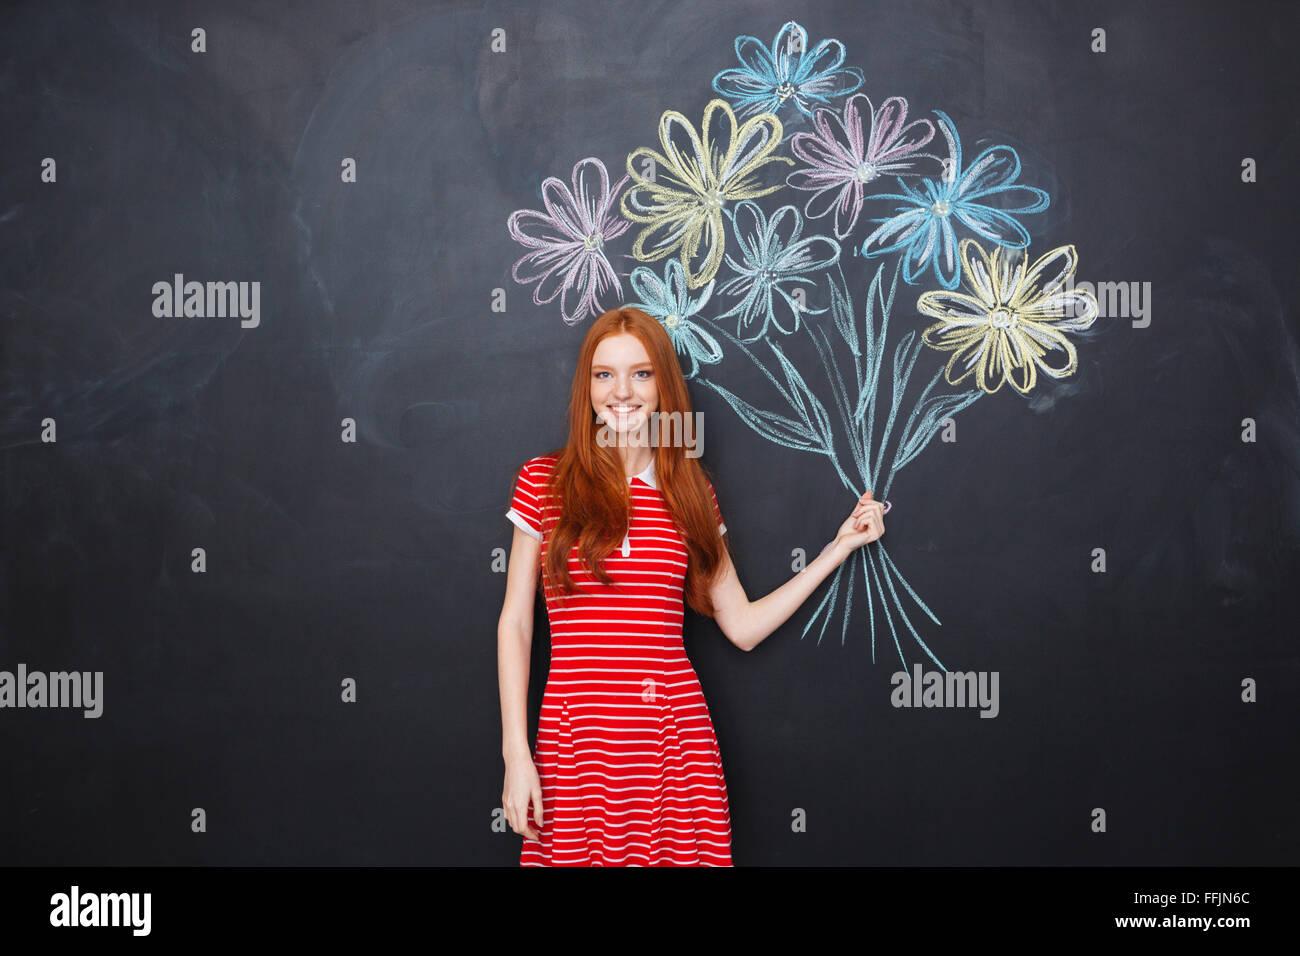 Sorridente redhead attraente giovane donna in piedi e tenendo premuto bouquet di fiori disegnati su sfondo blackboard Immagini Stock